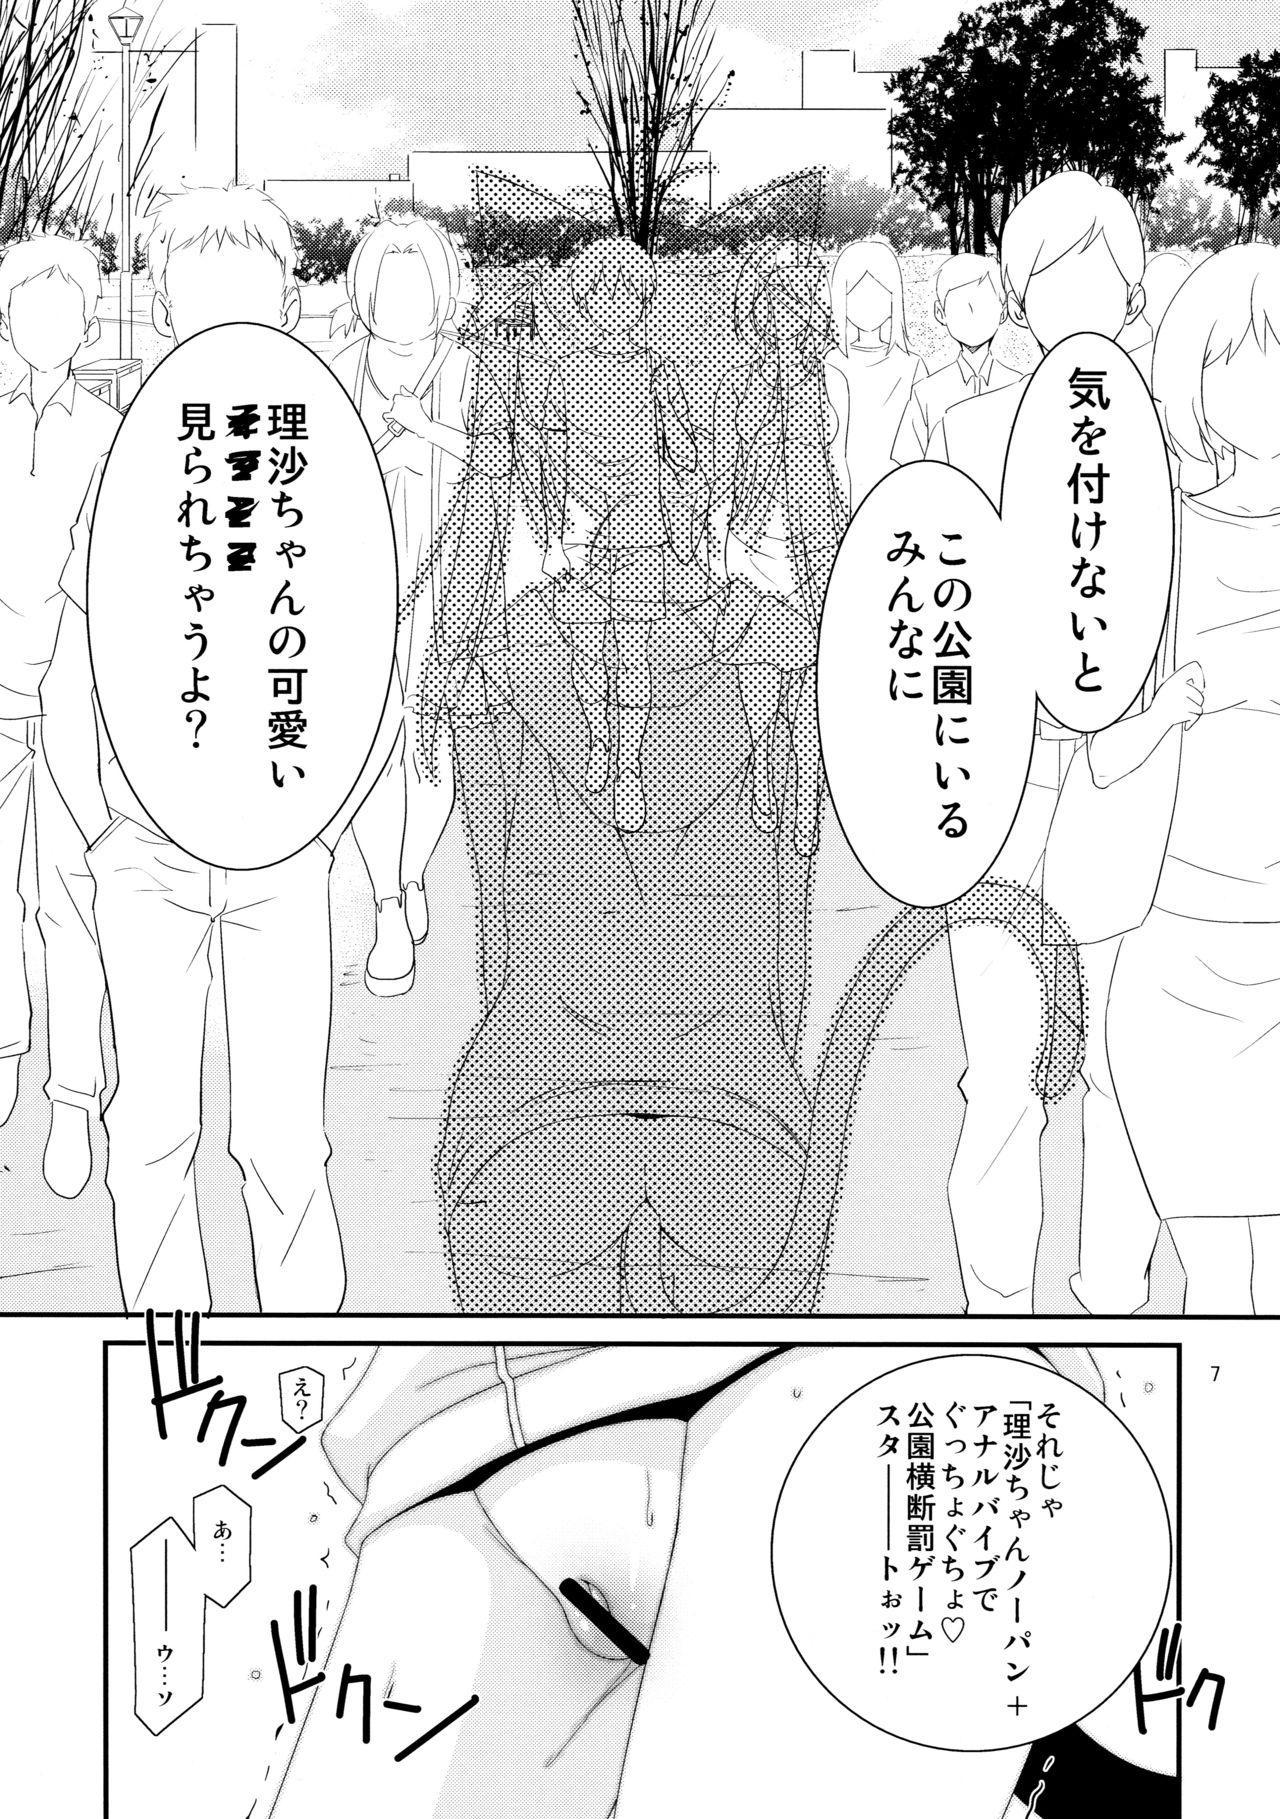 Himitsu no Asobi 6